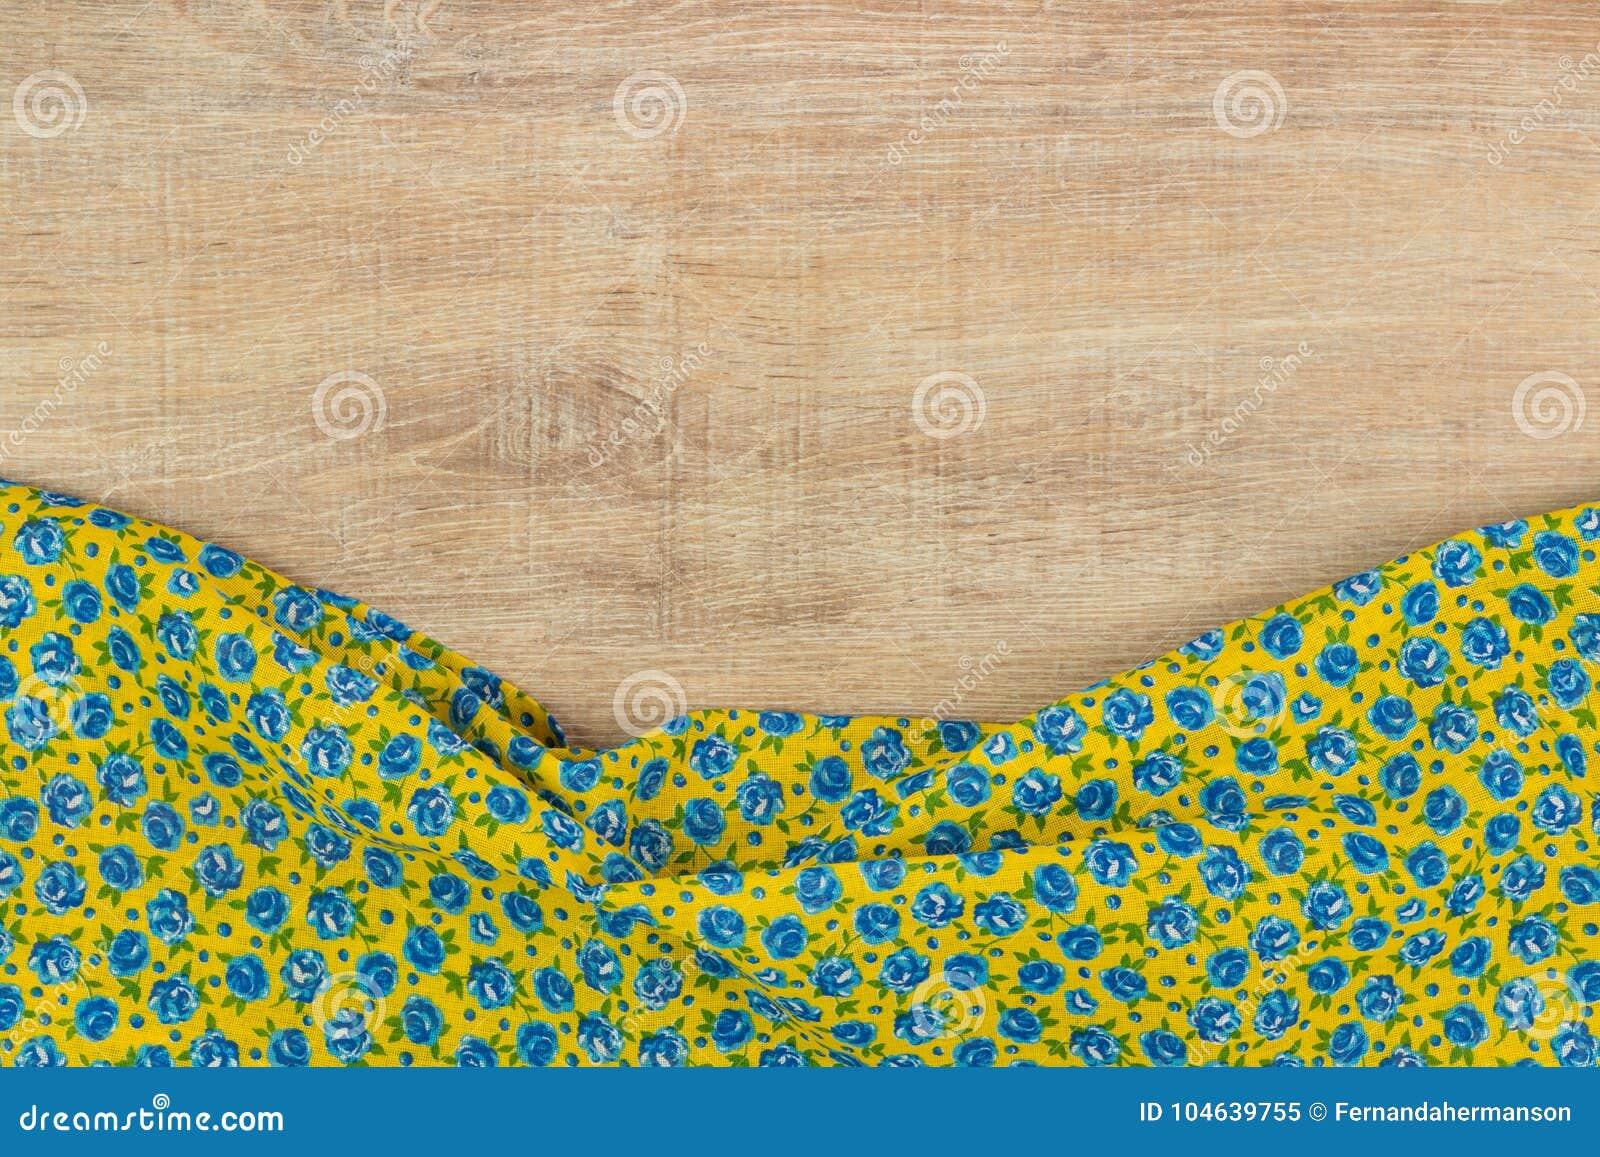 Download Het Bloemenservet Van De Patroondoek Op Lege Houten Achtergrond Stock Afbeelding - Afbeelding bestaande uit ornament, gastronomie: 104639755